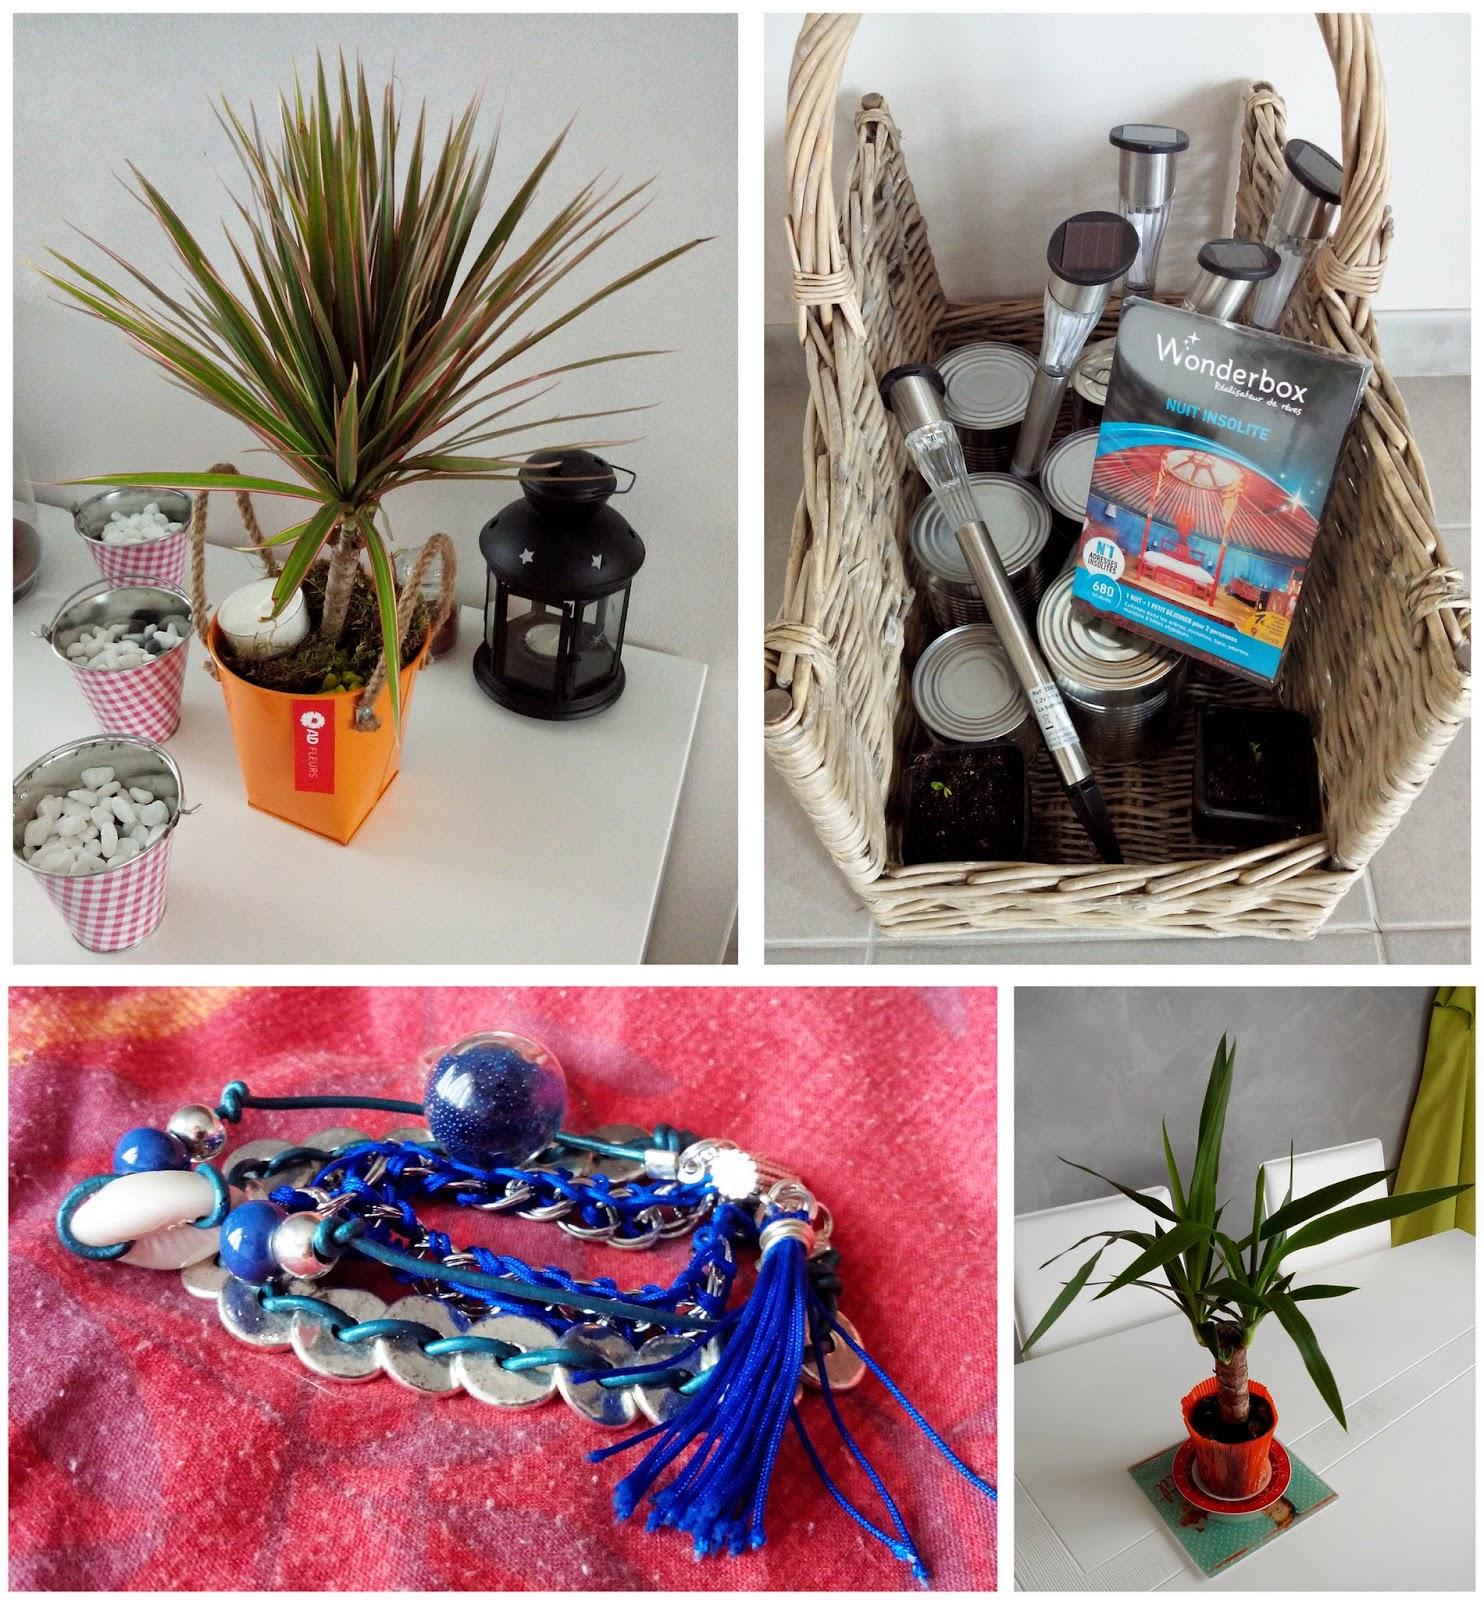 cadeaux, crémaillère, plante, bijoux, wonderbox, bull'elodie